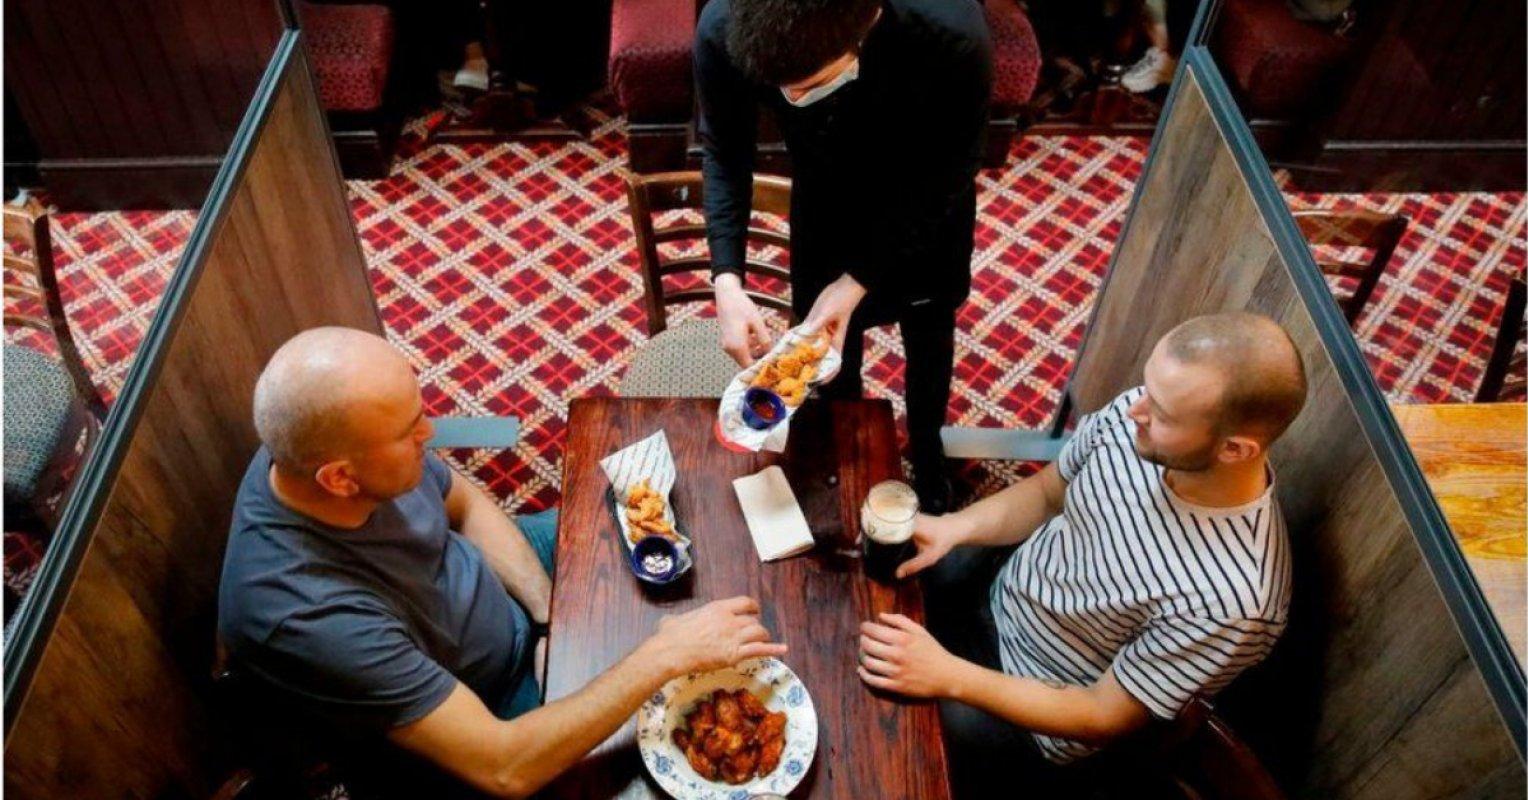 英國政府將會對餐飲業回調消費稅